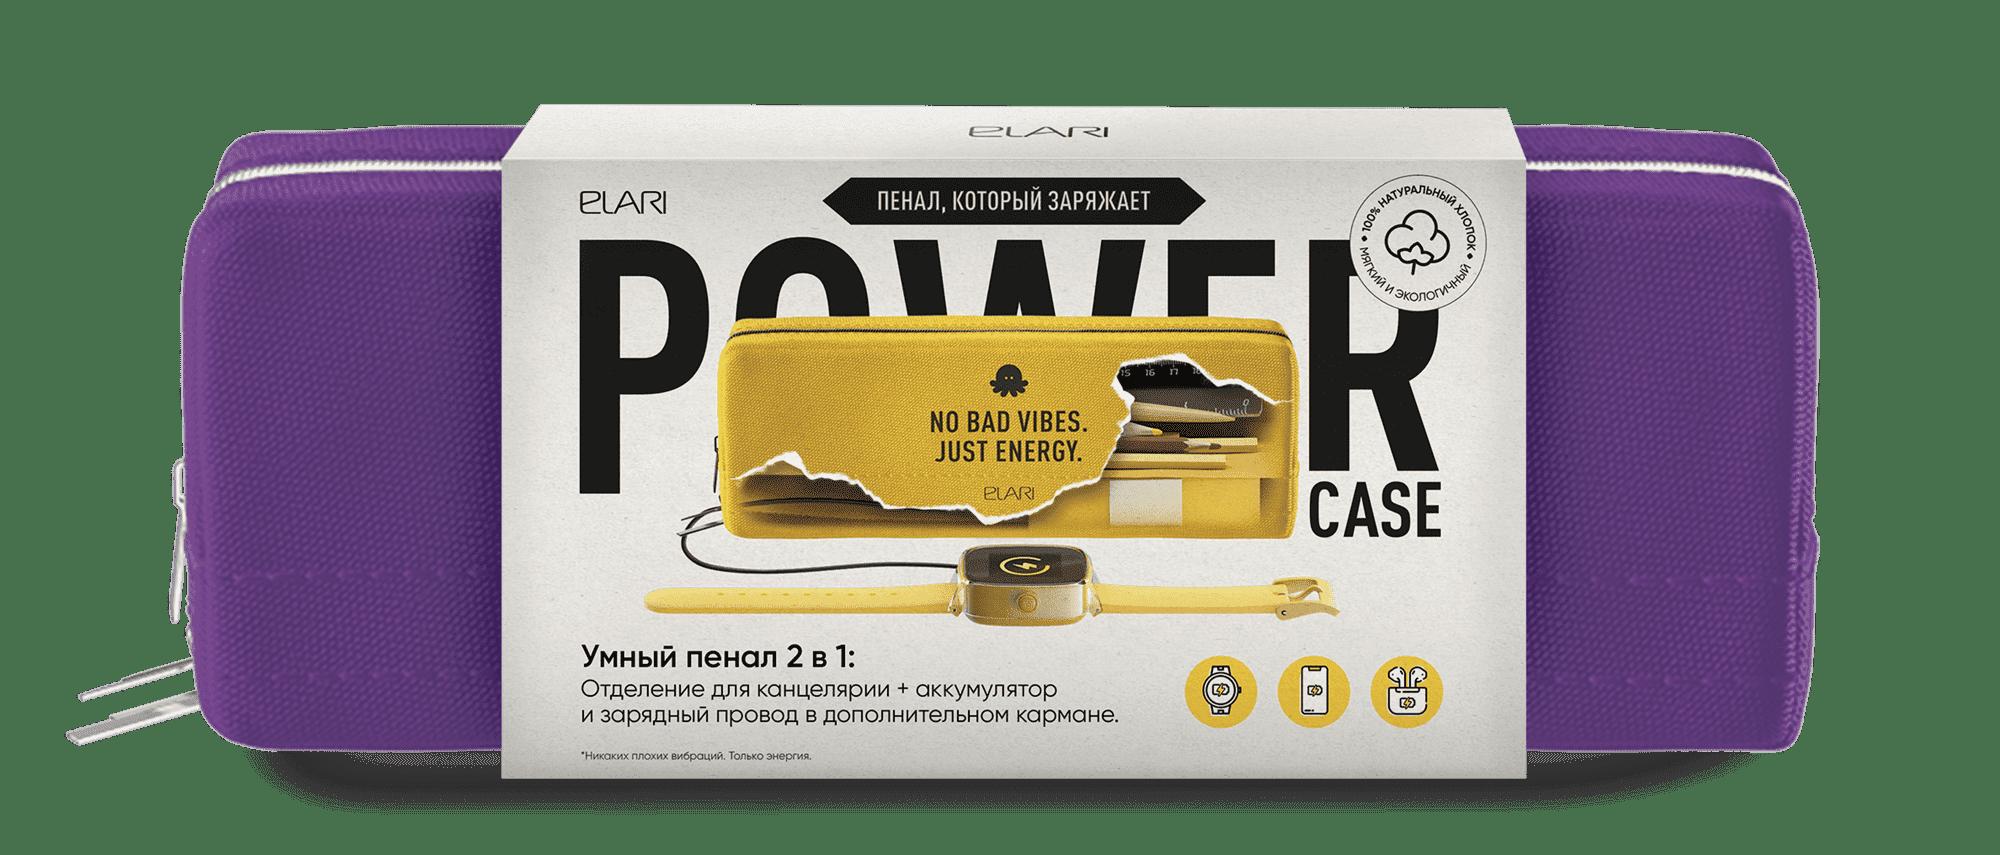 ELARI PowerCase, Сумочка Для Хранения с Аккумулятором - фото 20851